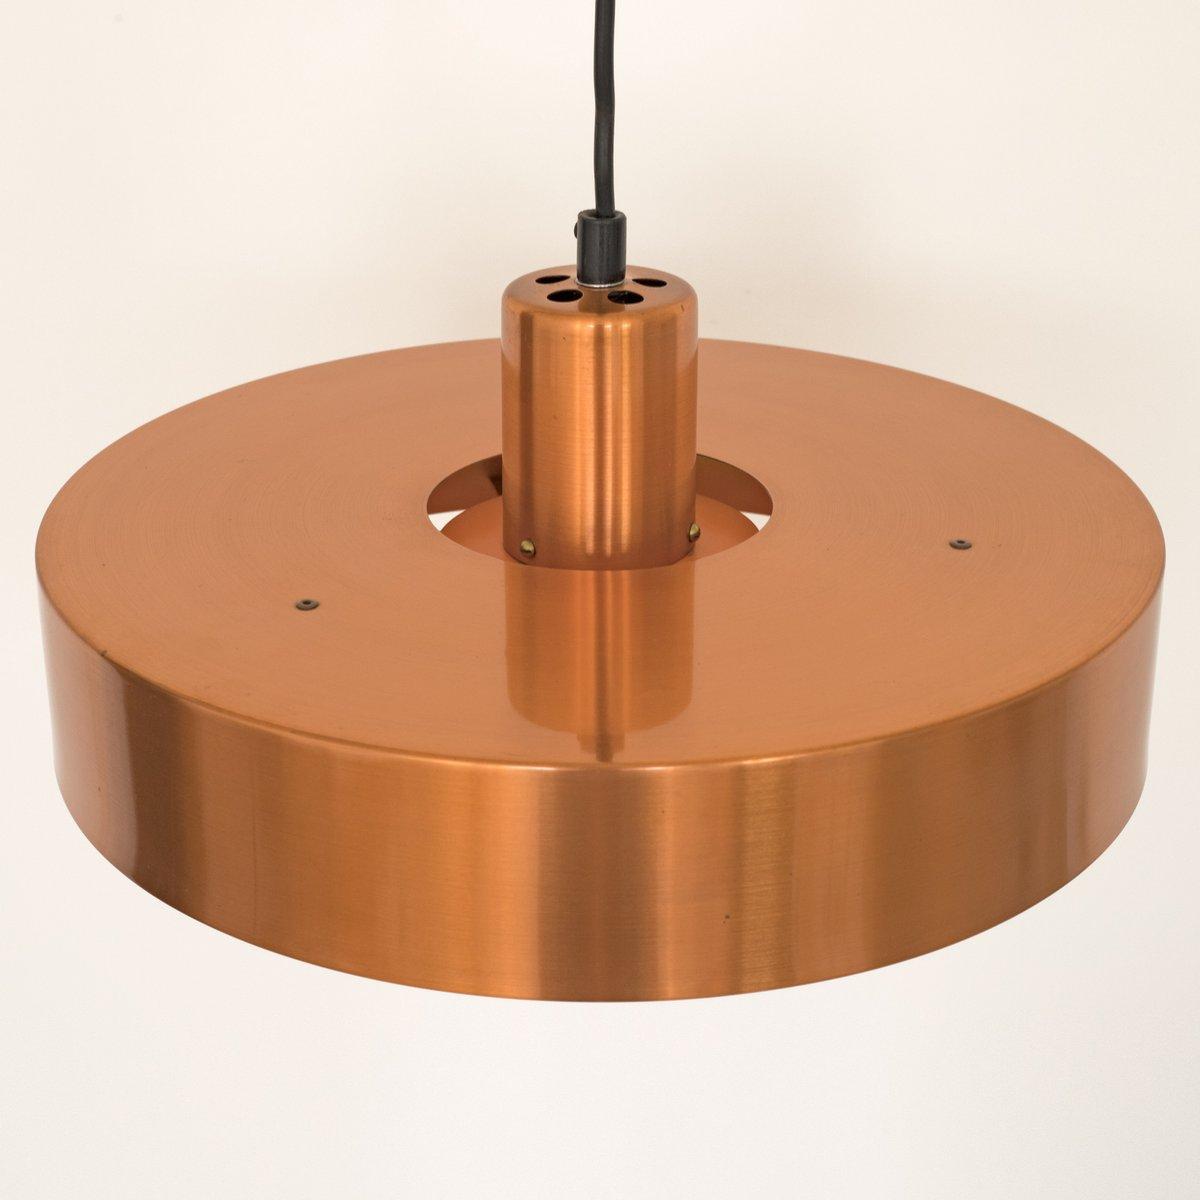 Roulet spun copper pendant light by jo hammerborg for fog mrup 51200 aloadofball Images